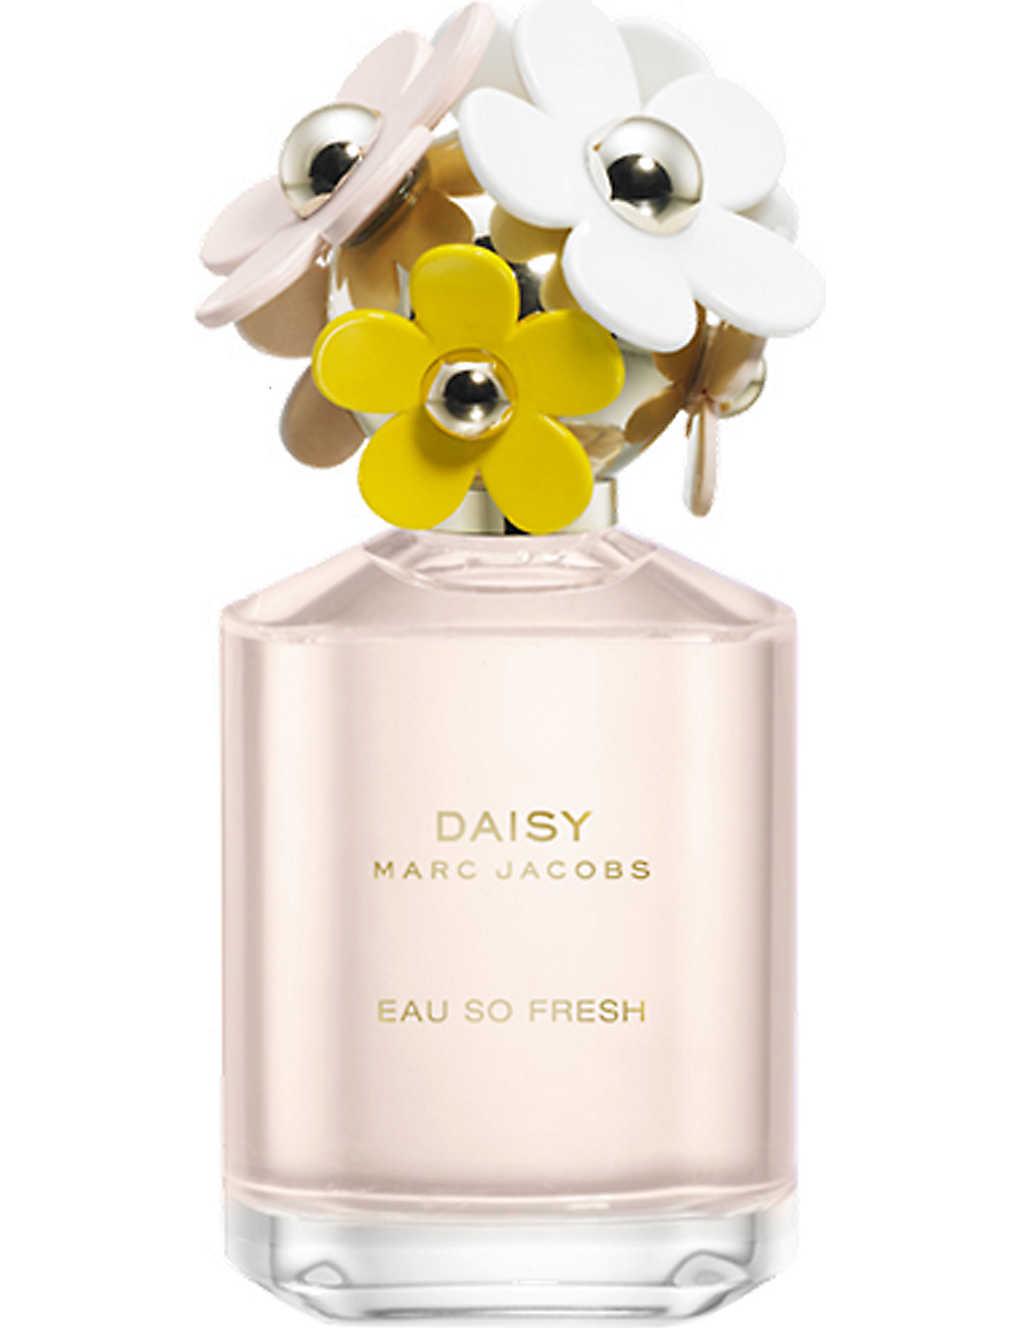 Marc jacobs daisy eau so fresh eau de toilette selfridges no recent searches izmirmasajfo Image collections